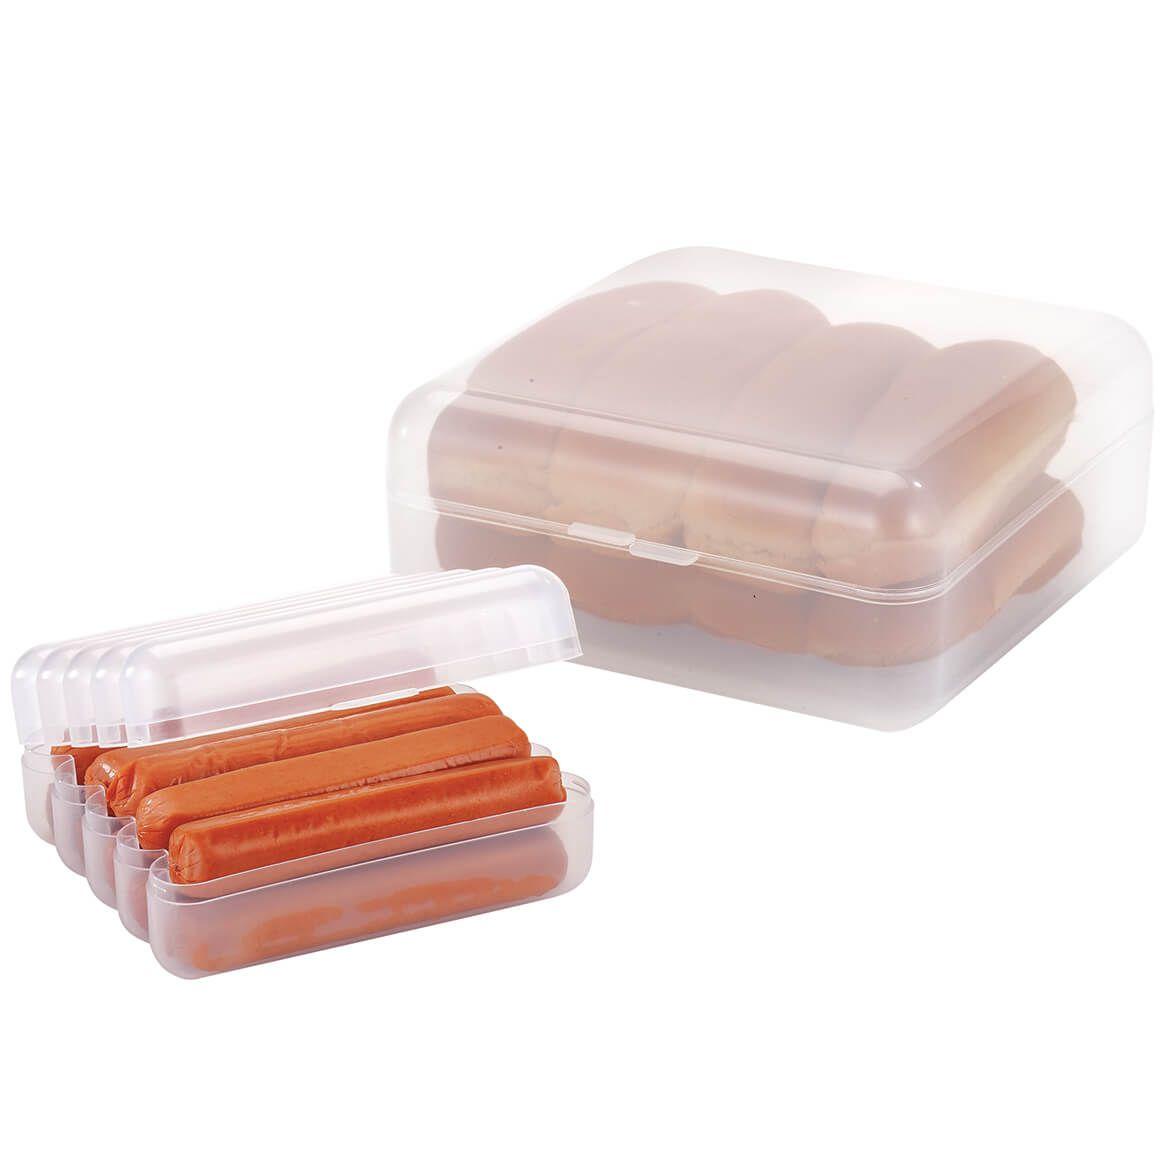 Bun and Hot Dog Keeper Set-355242